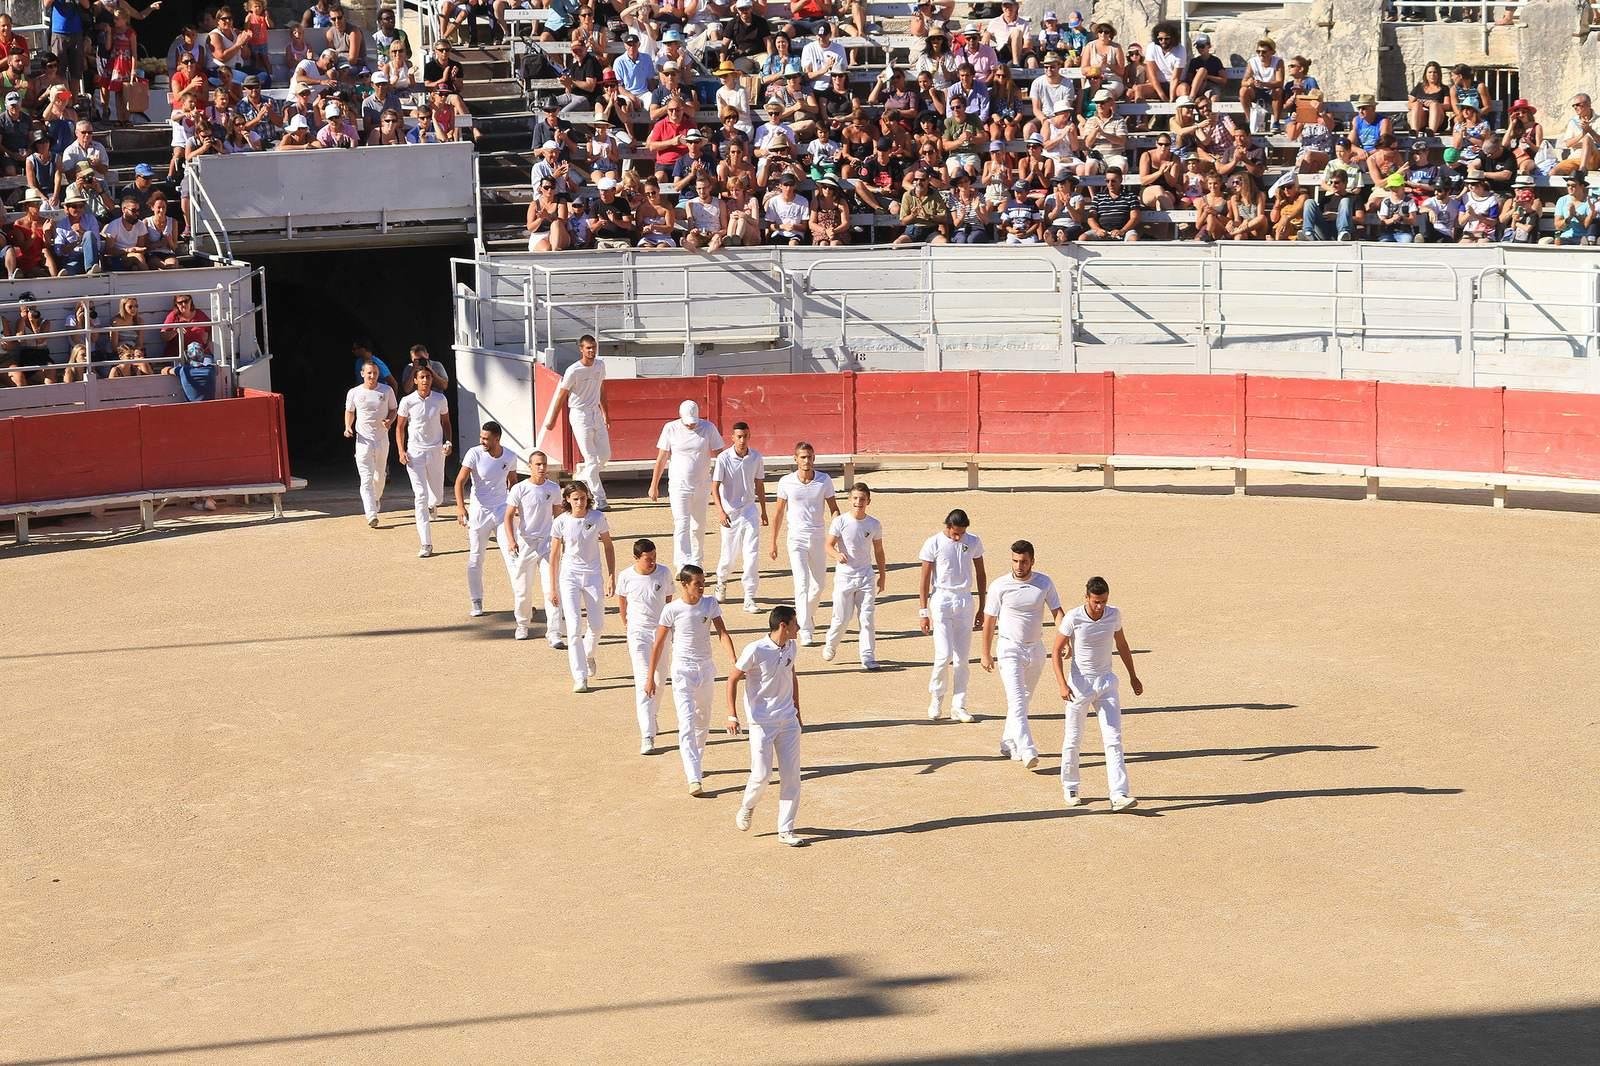 arles7 Bull Fighting in Arles Arena